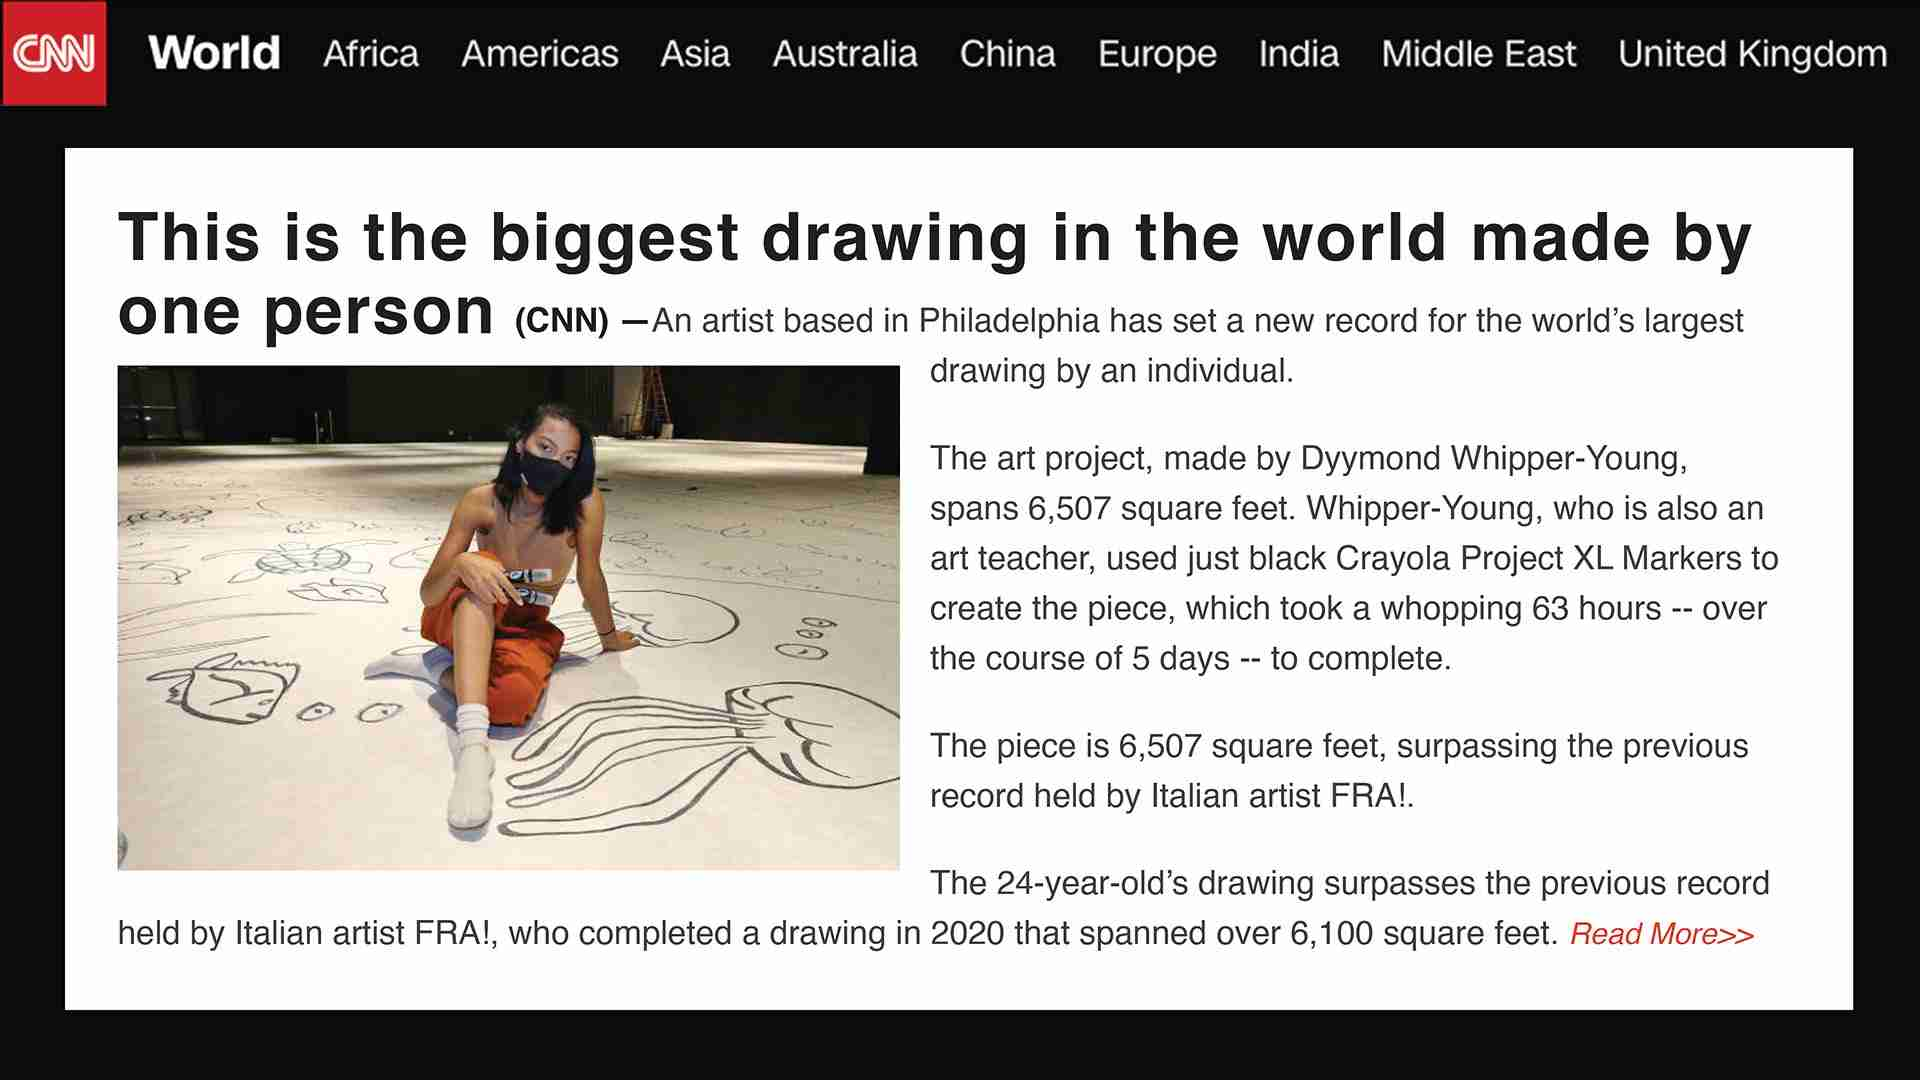 CNN_Crayola_Press_Graphic 1920x1080